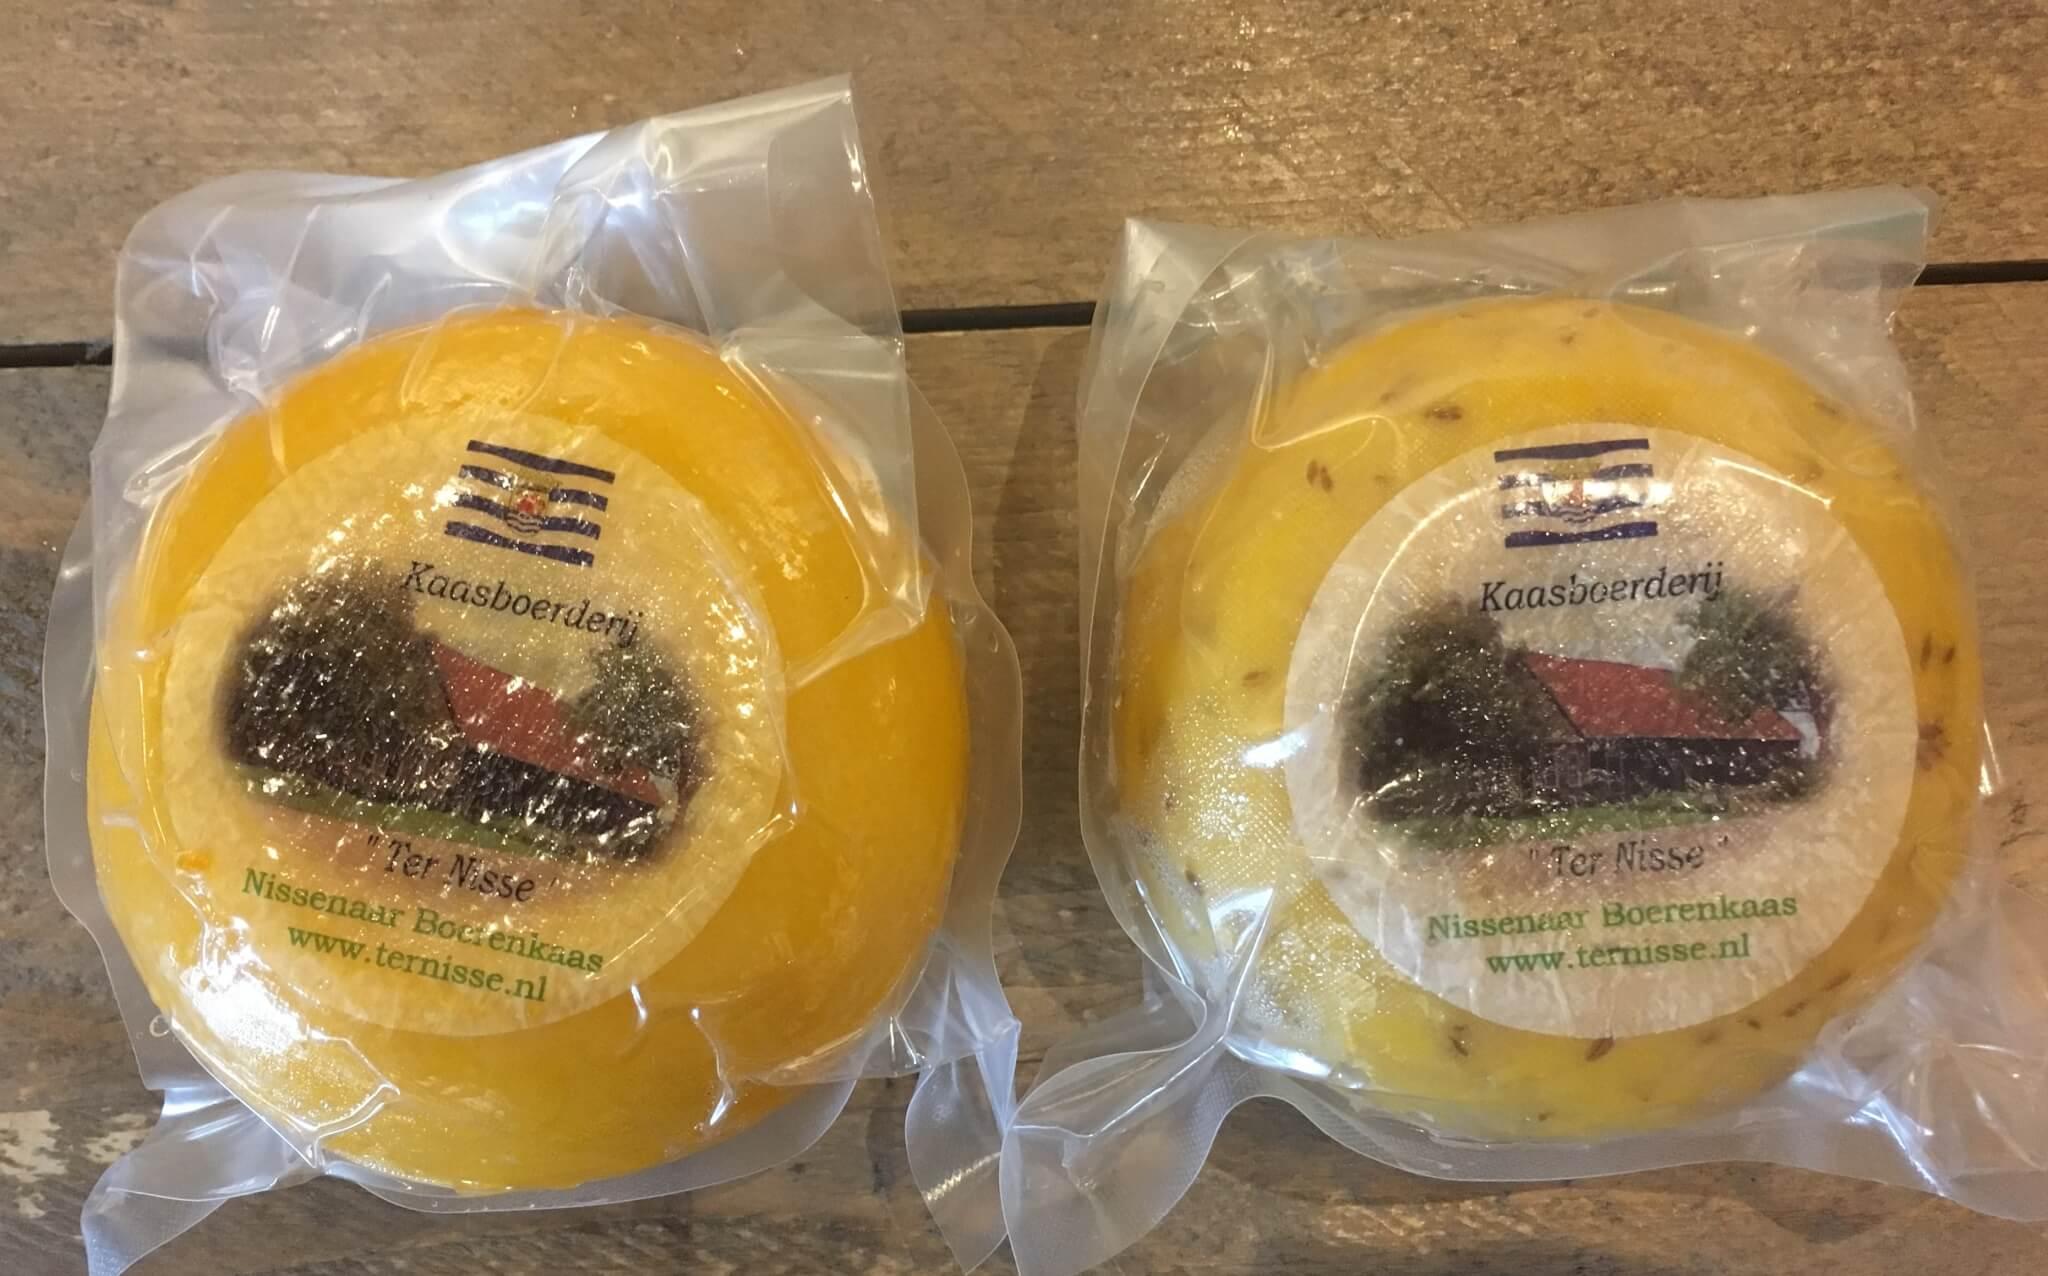 Fruitbedrijf Van den Berge: kaasbolletjes Ter Nisse